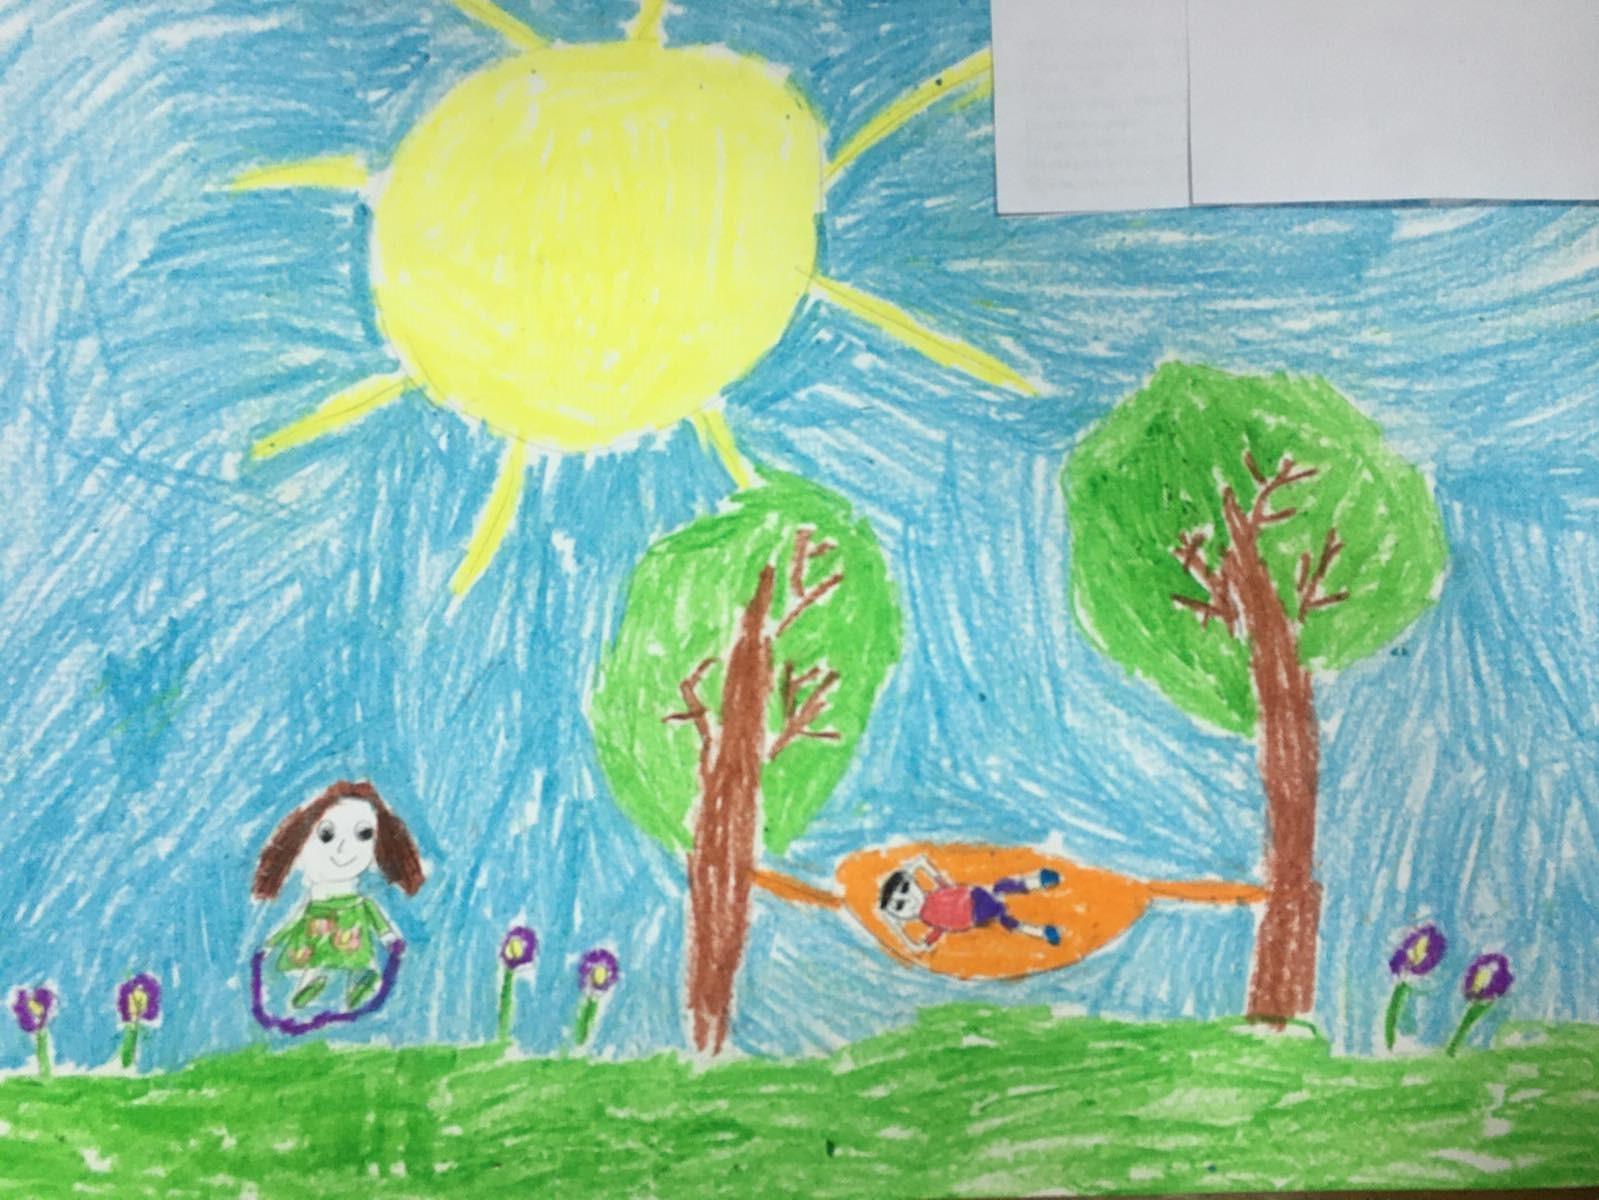 C:\Users\Пользователь\Desktop\Солнце. Дети. Счастье. 1-11 классы. До 9 февраля\Работы участников\7.jpg